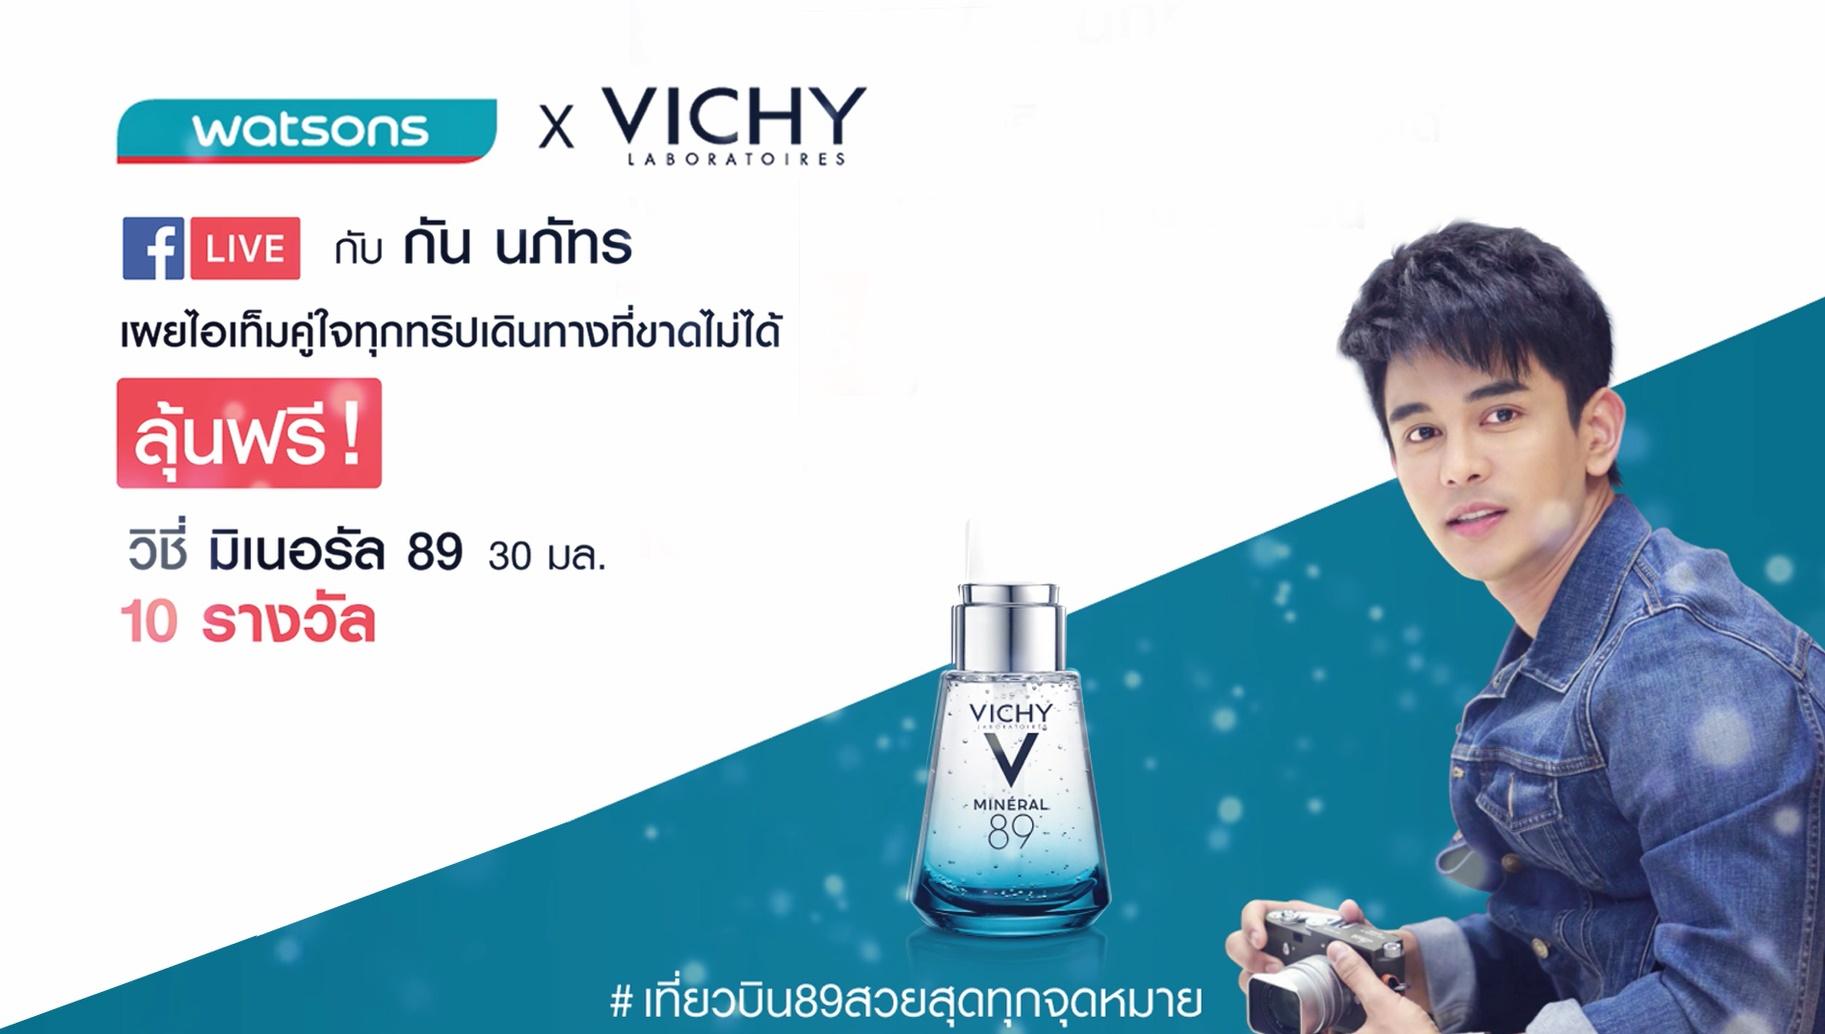 Watsons x Vichy กับ กัน นภัทร